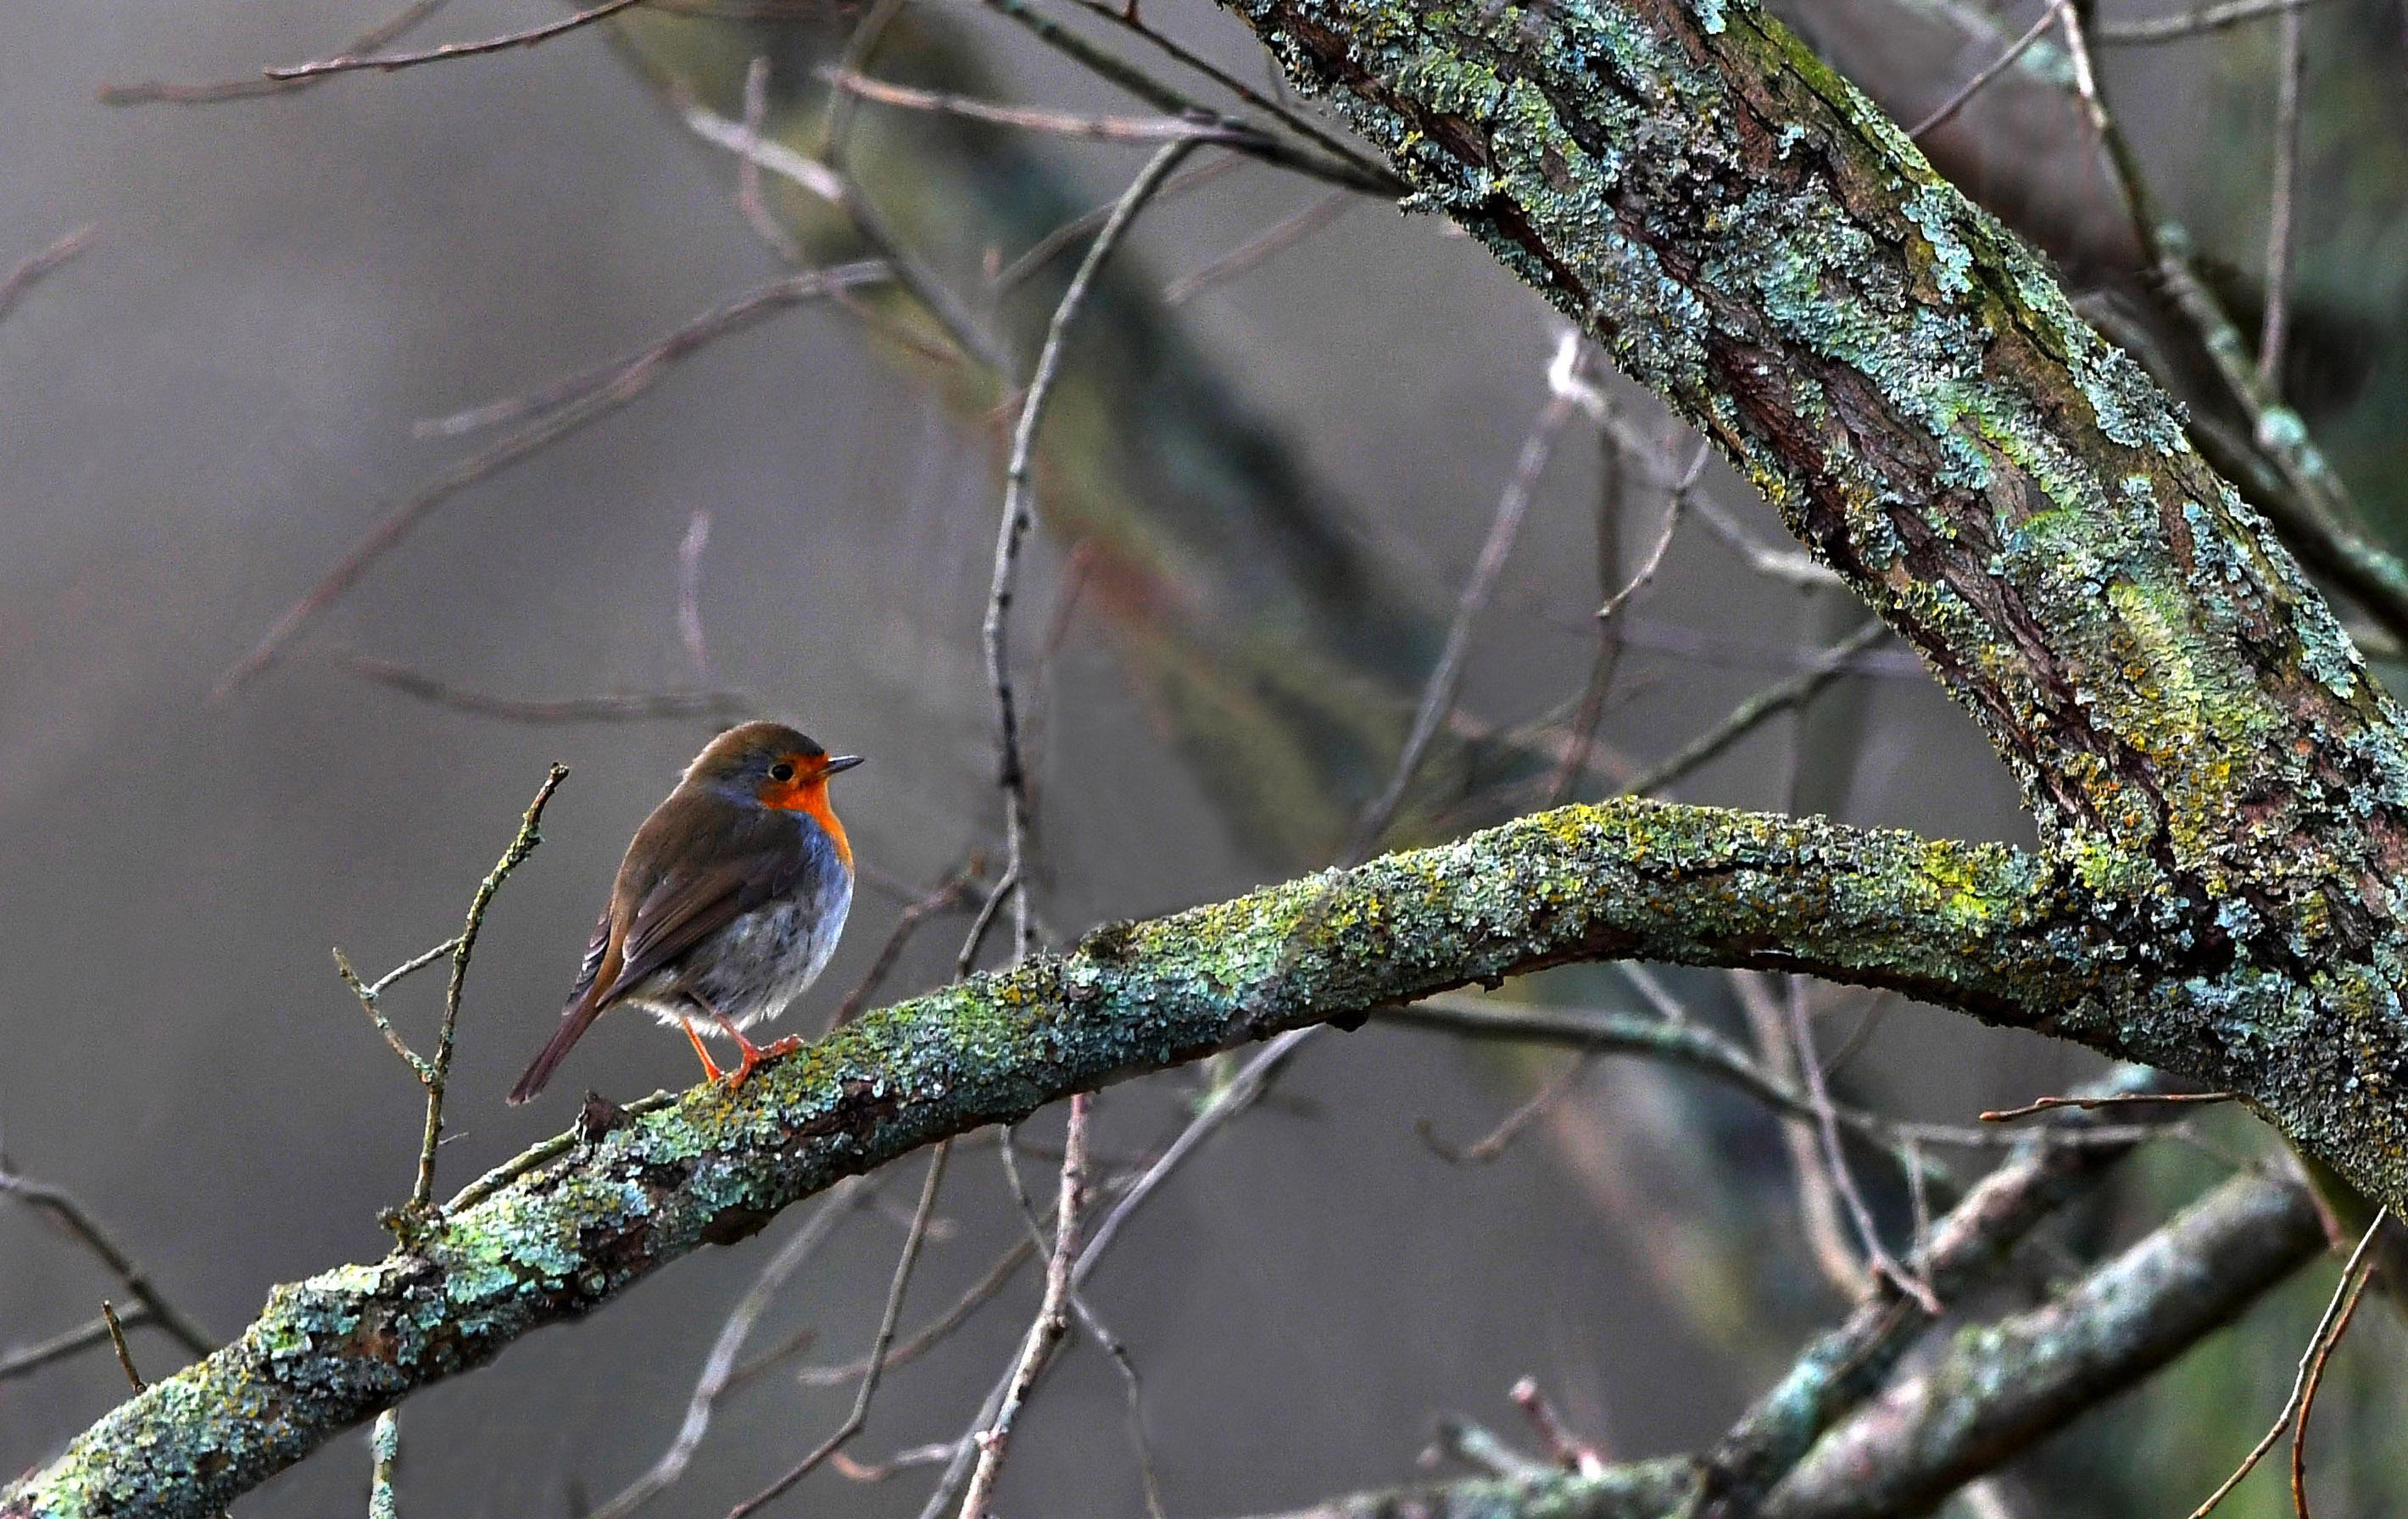 Het kleine vogeltje op die dikke boomtak kijk je bijna dwars door zijn tere pootjes heen - Foto: ©Louis Fraanje